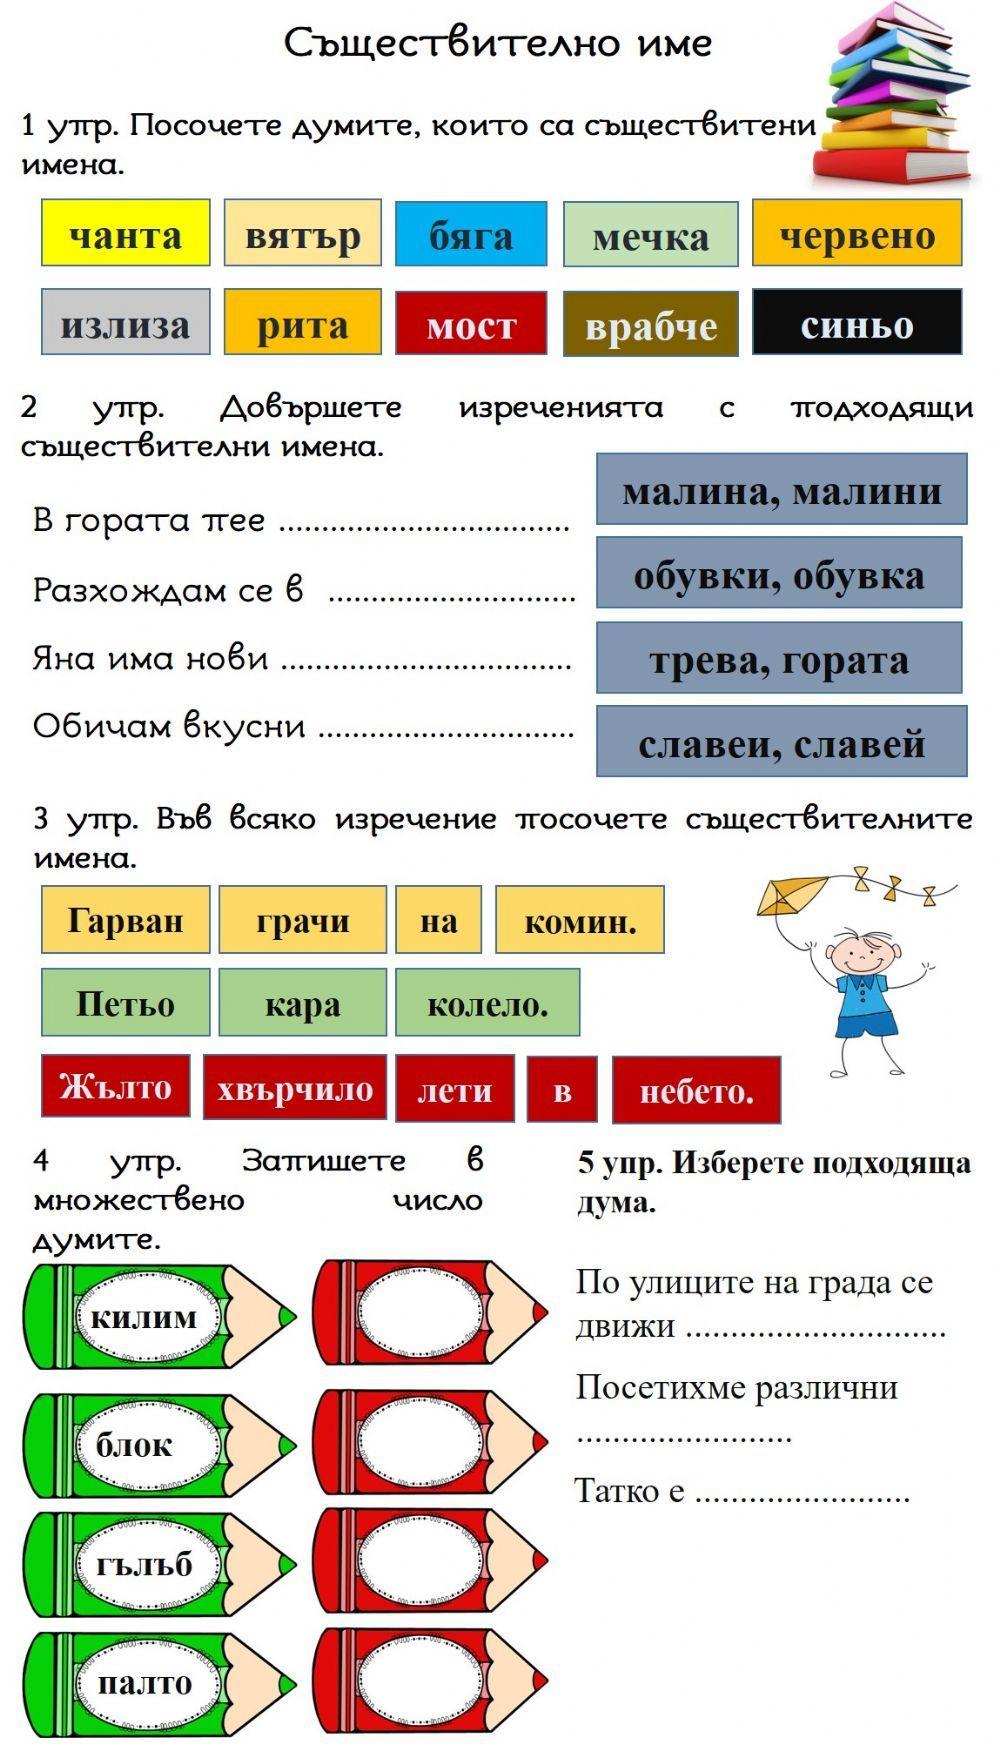 Съществително име Български език worksheet. You can do the